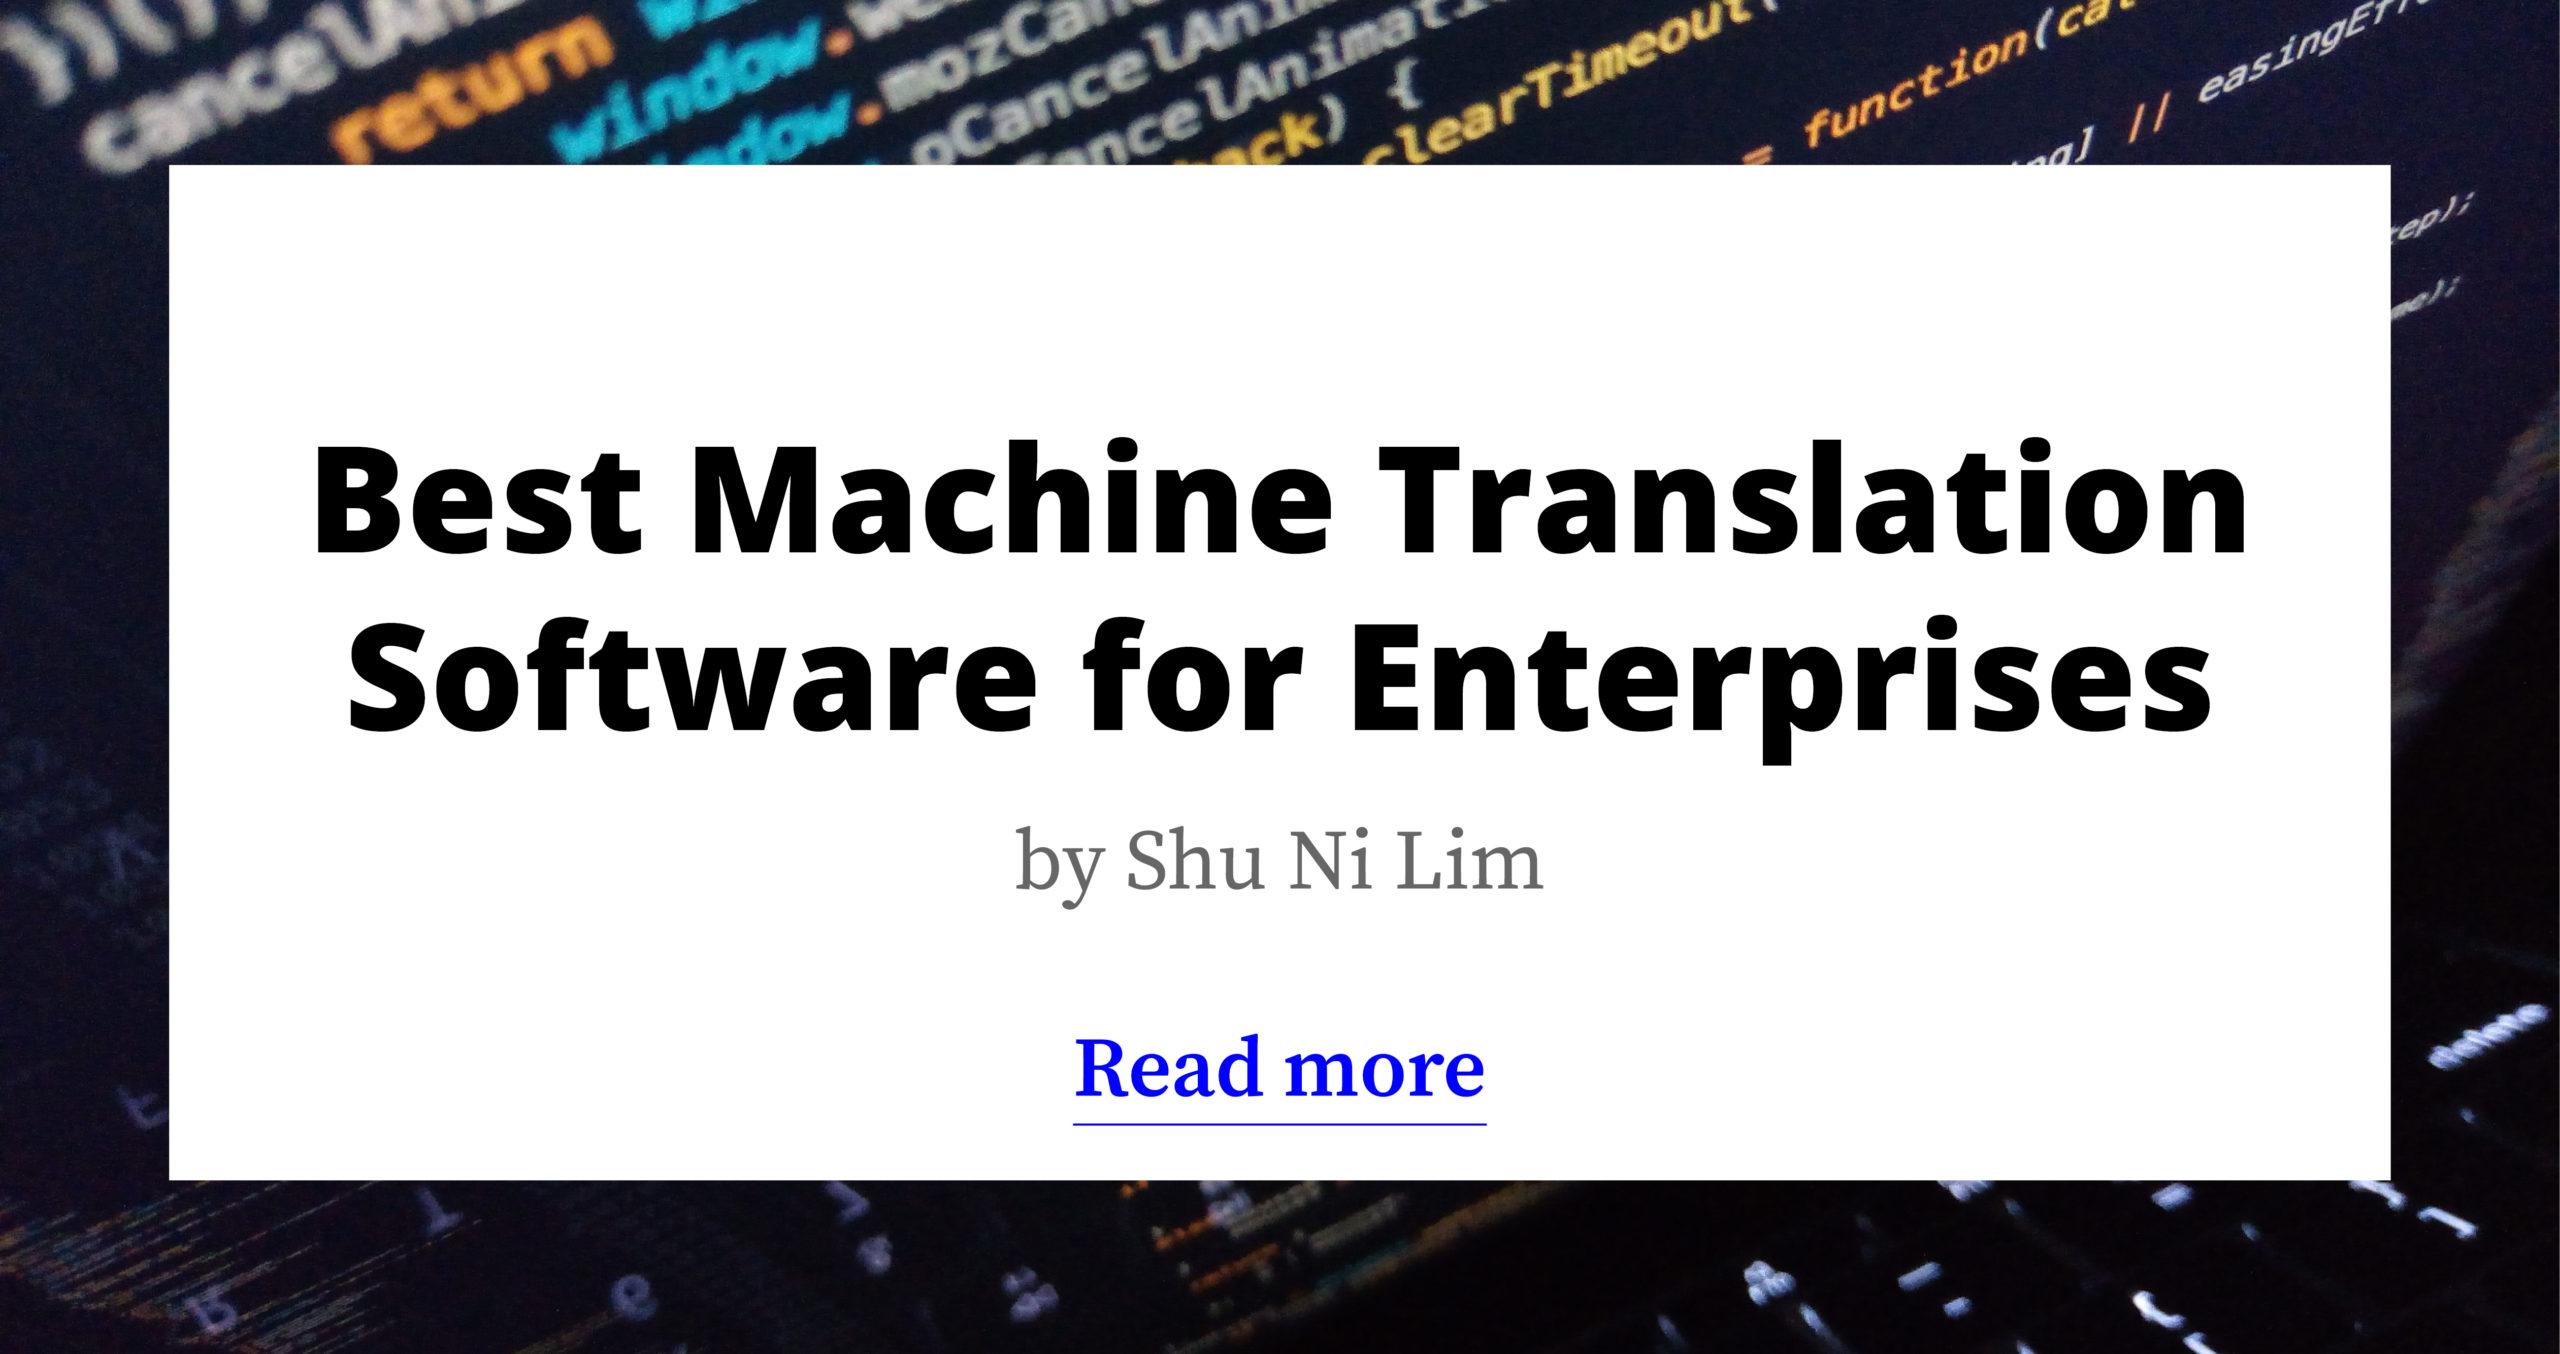 Best Machine Translation Software for Enterprise in 2021